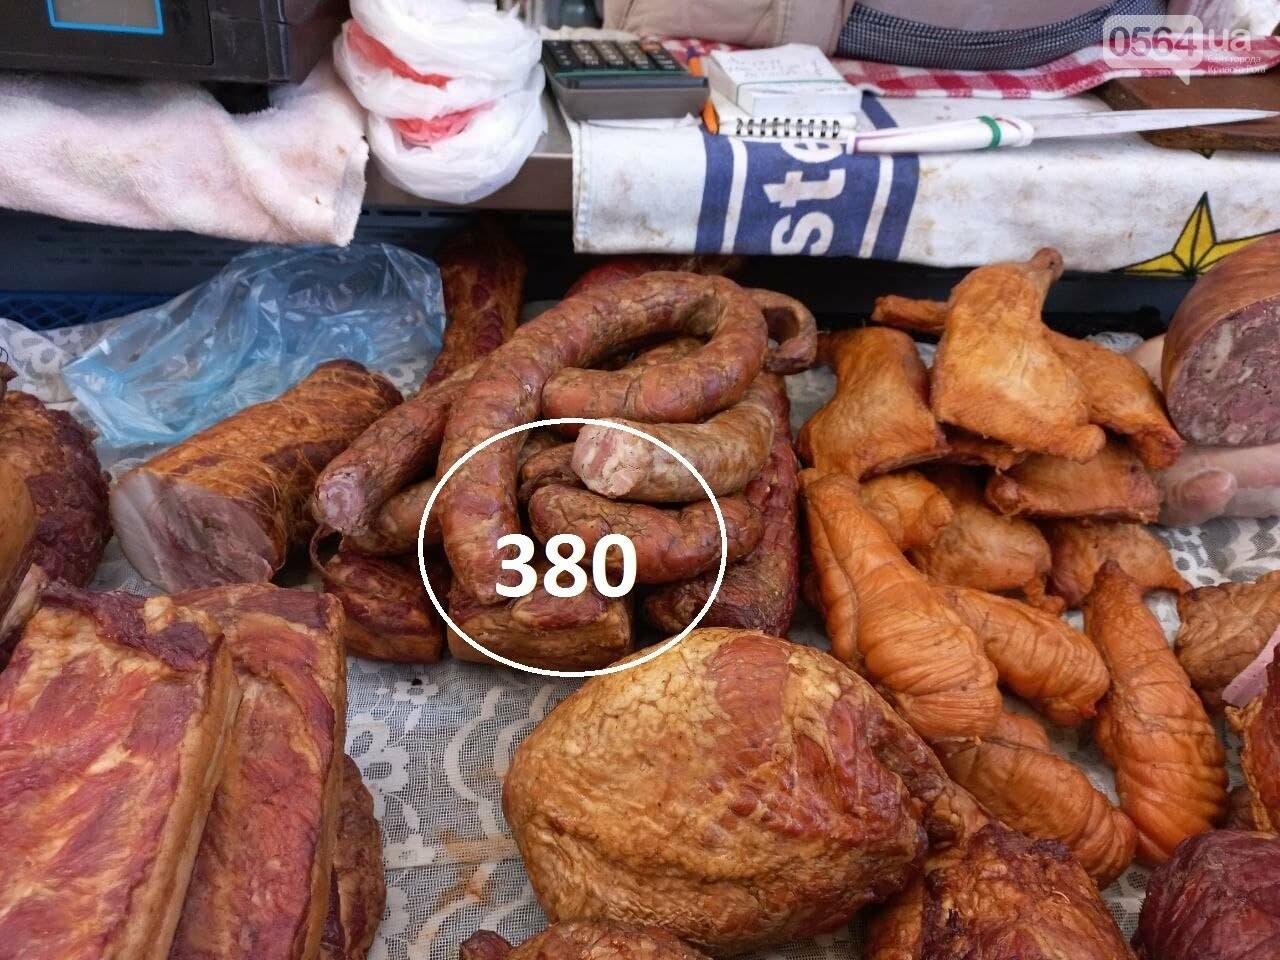 Пасхальная корзина 2021: сколько стоит традиционный праздничный набор продуктов в Кривом Роге, - ФОТО, фото-3